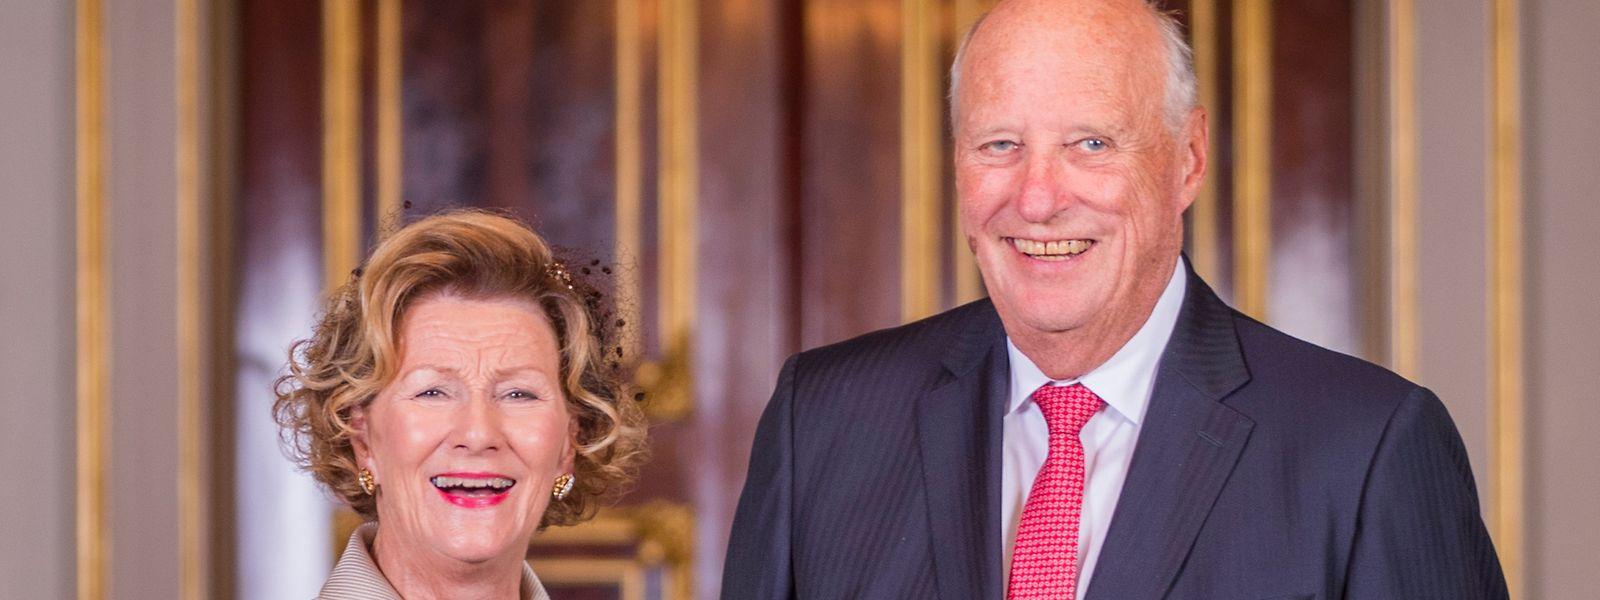 König Harald V. und Königin Sonja von Norwegen im königlichen Palast. (Archivfoto)